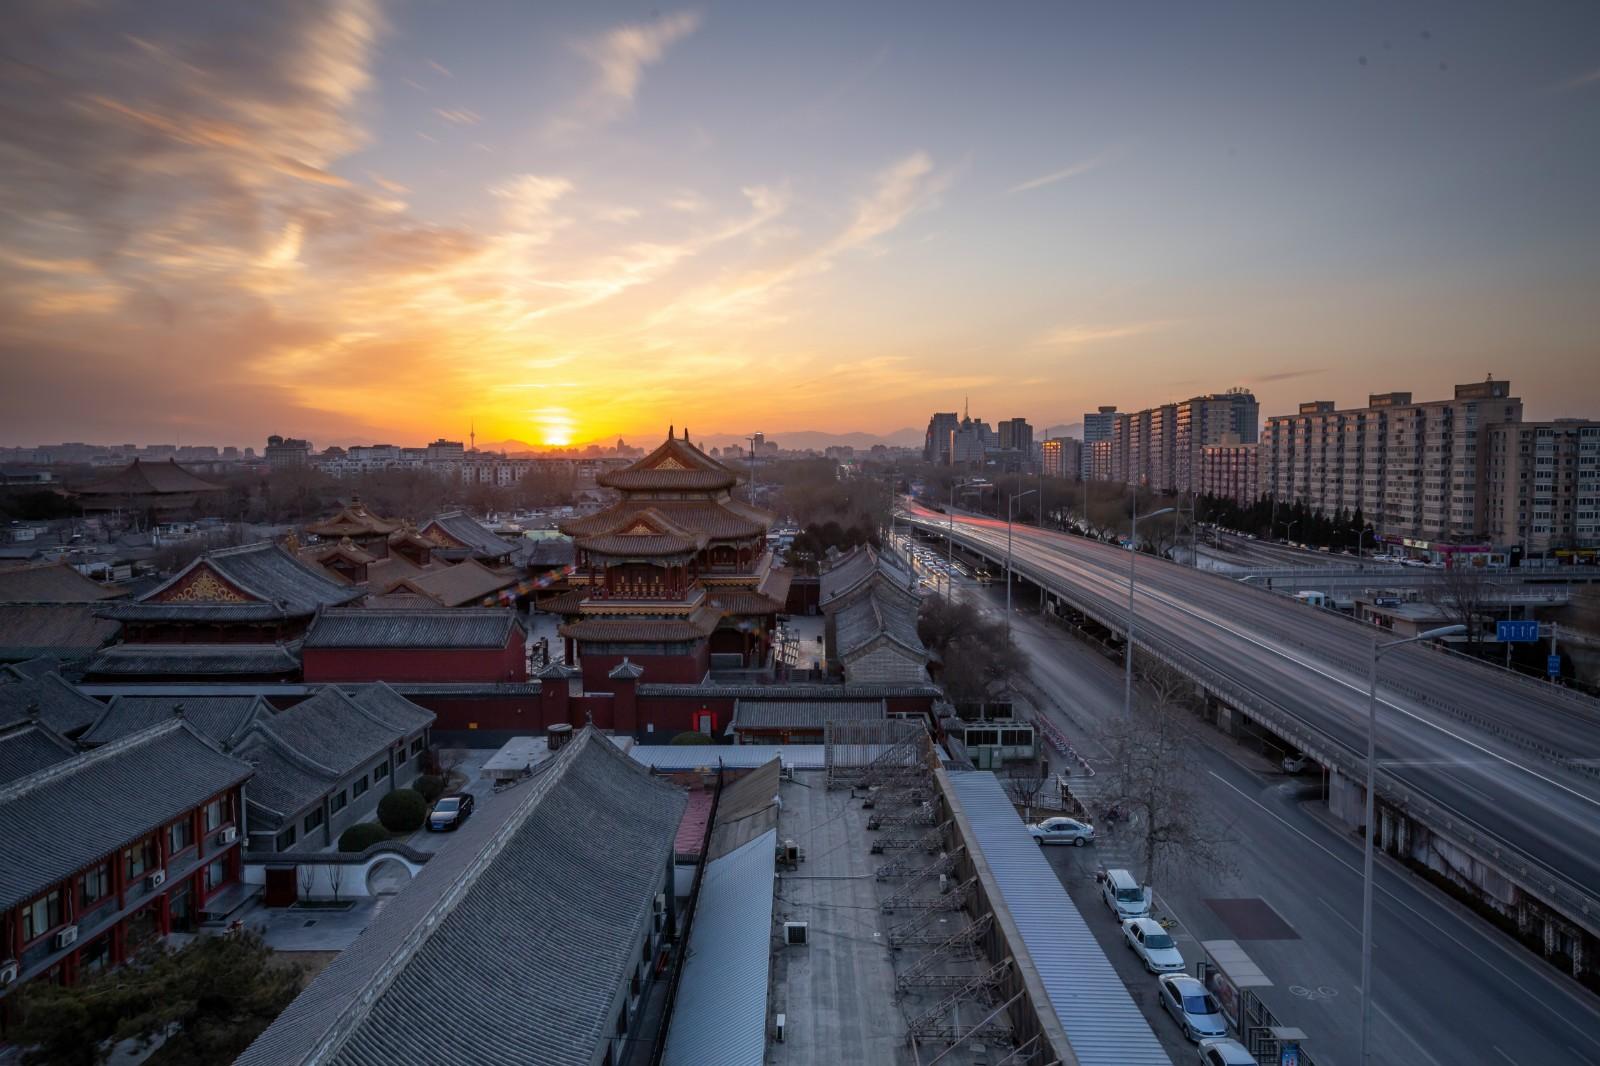 天津代理记账公司提醒初始凭证要做好合规管理合理合法才可以税前扣除